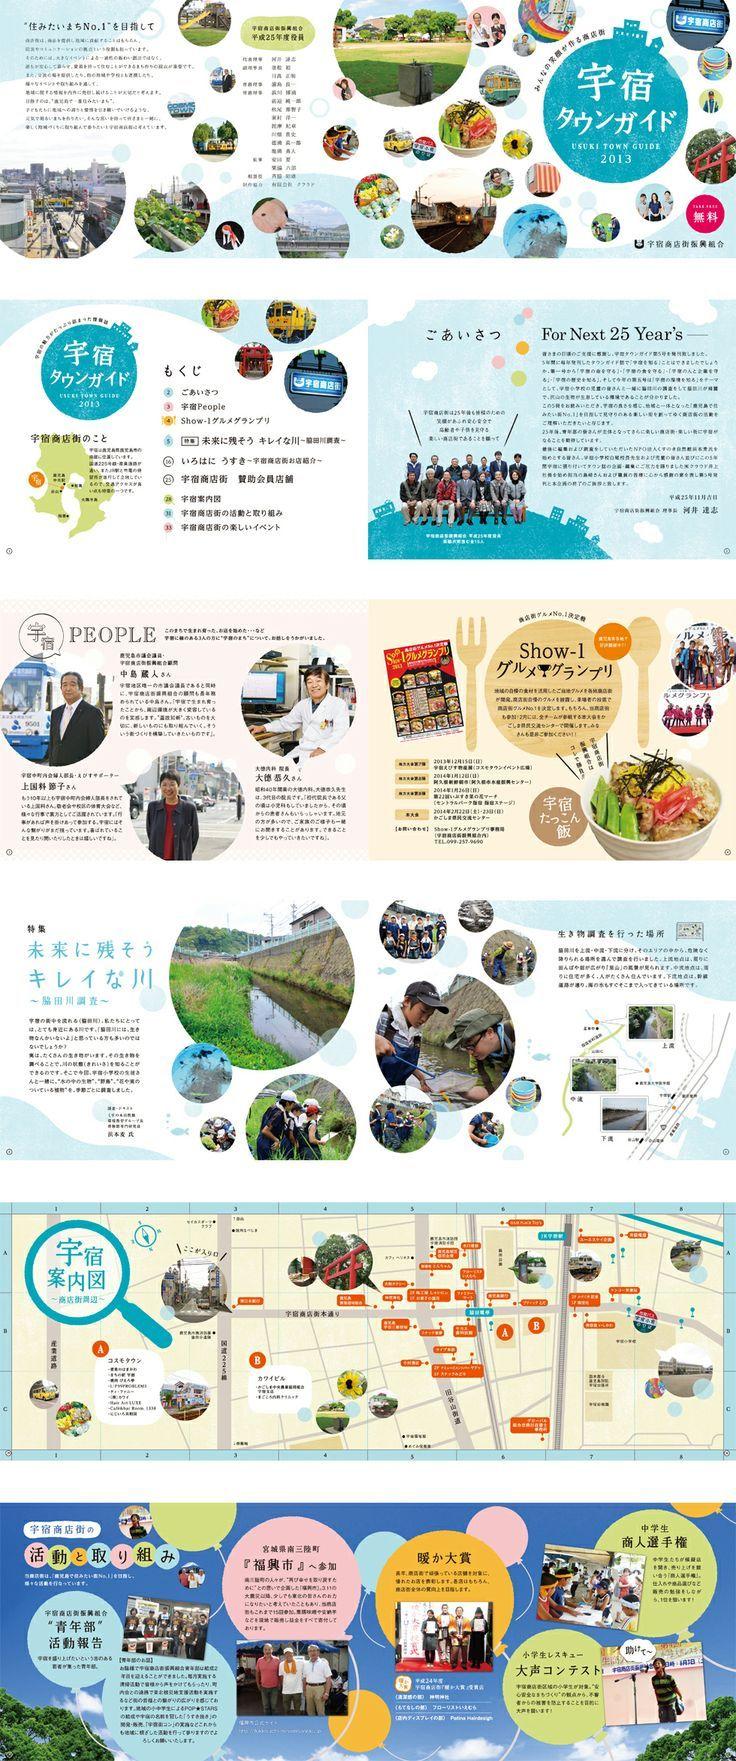 宇宿タウンガイド2013   ホームページ制作 パンフレット作成 鹿児島の制作会社クラウド: